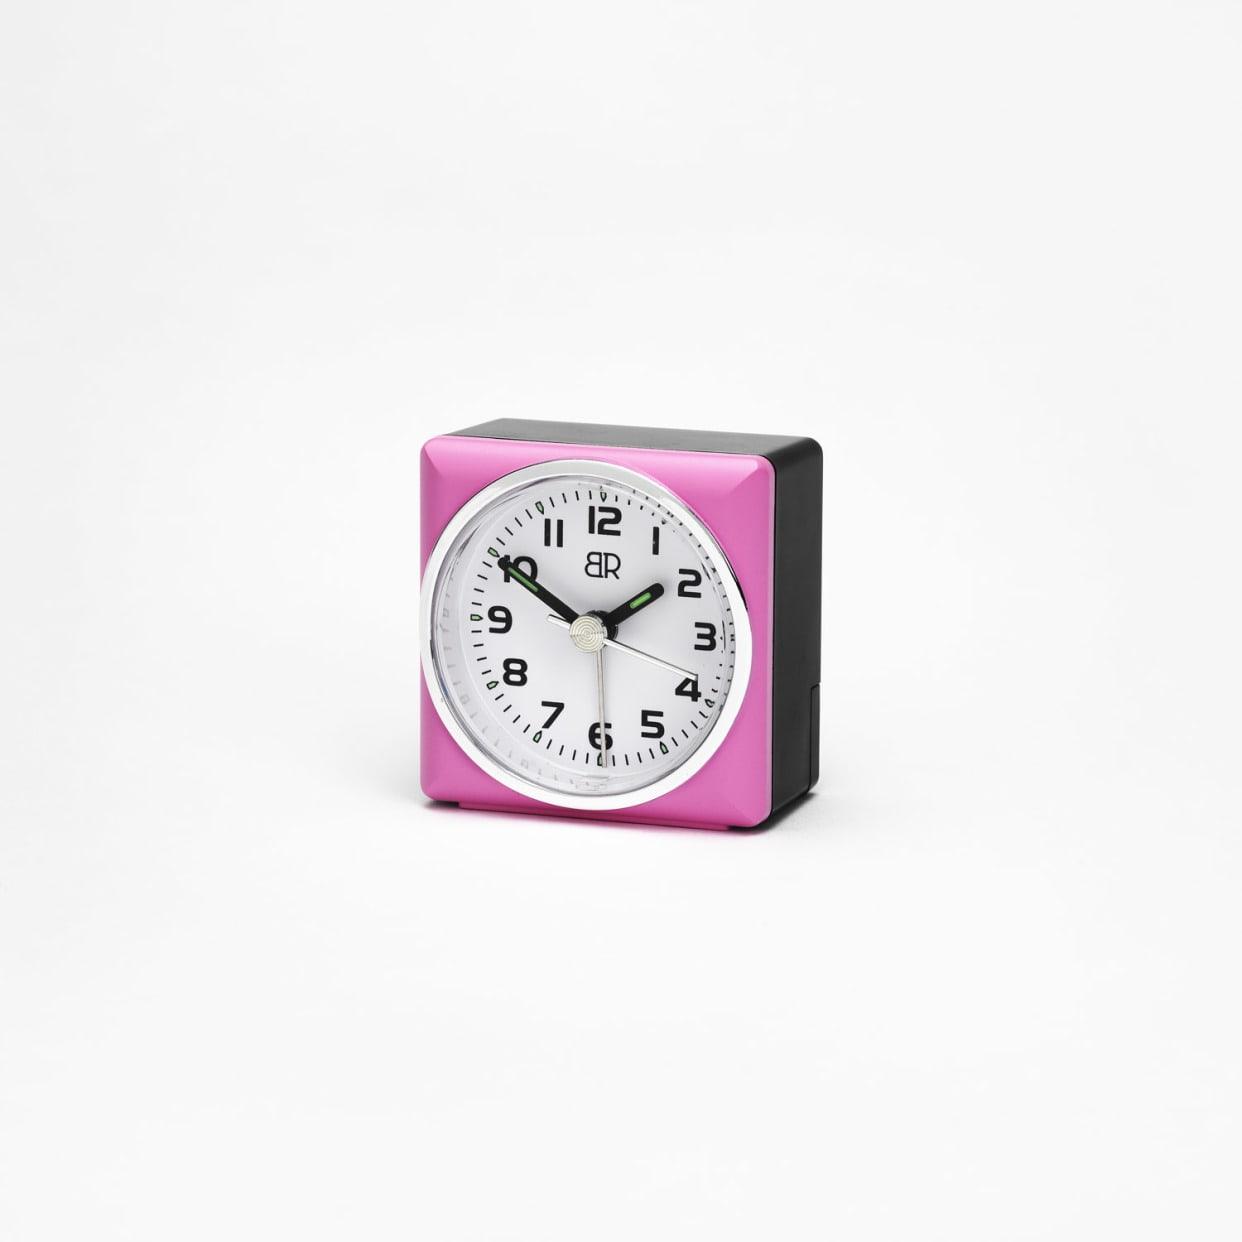 Budilka BR roza 5,7 x 5,7 x 3,2 cm (59150233)